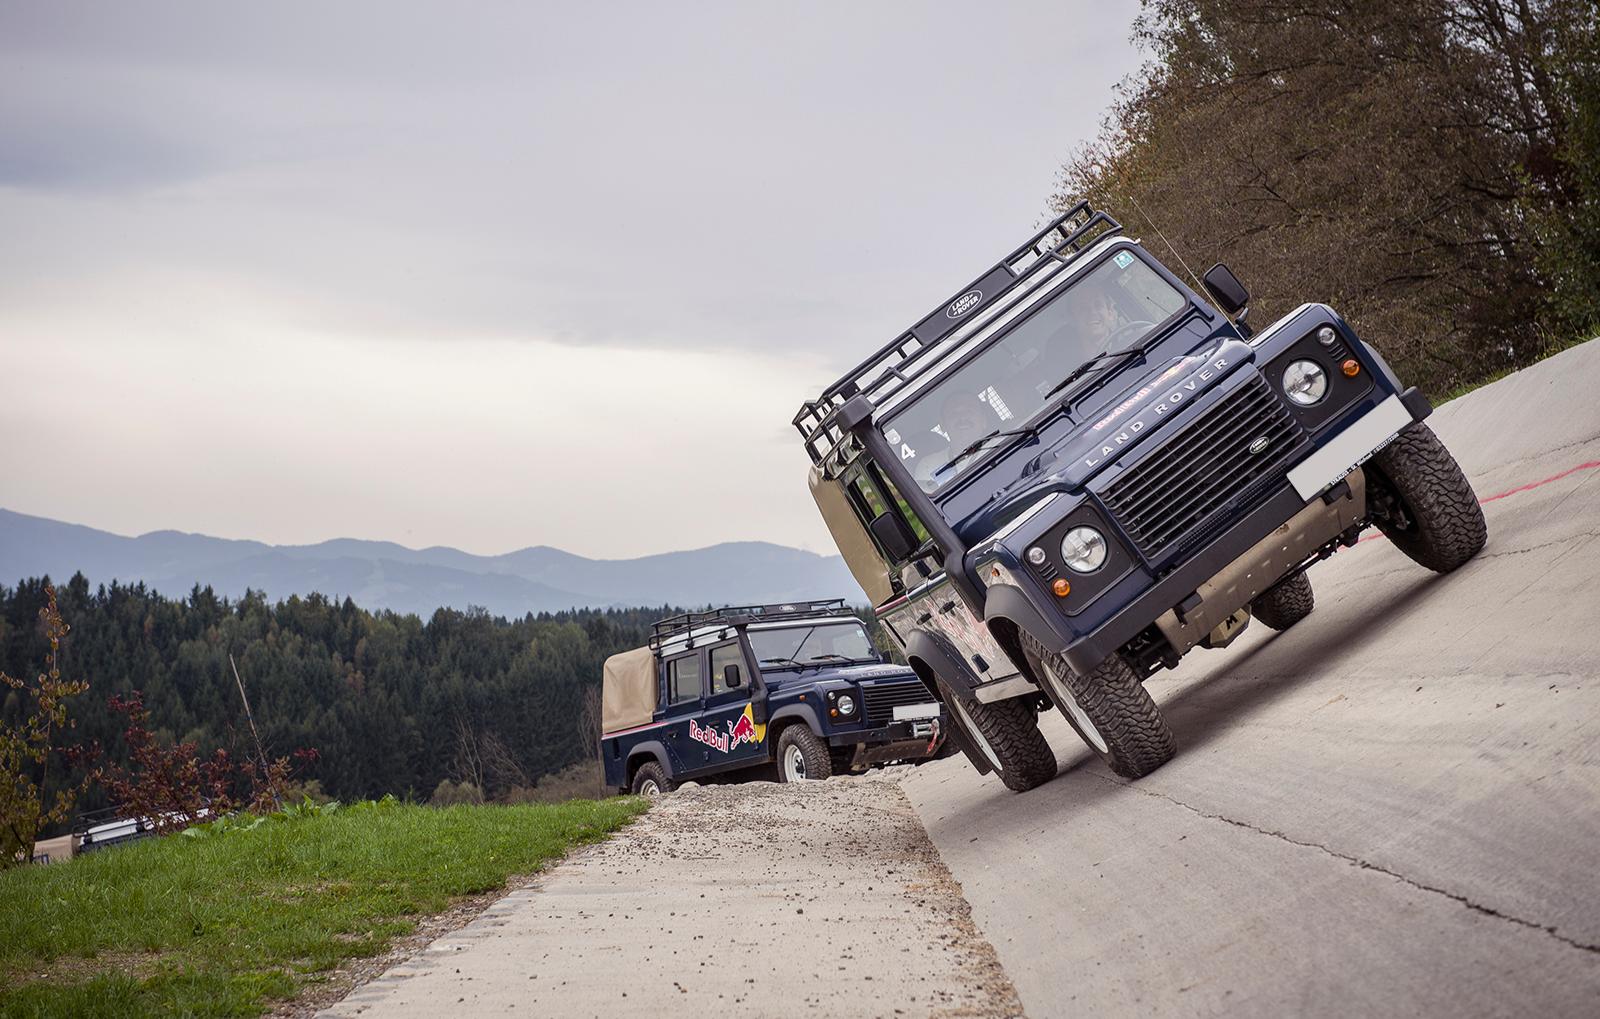 gelaendewagen-offroad-fahren-spielberg-bg3